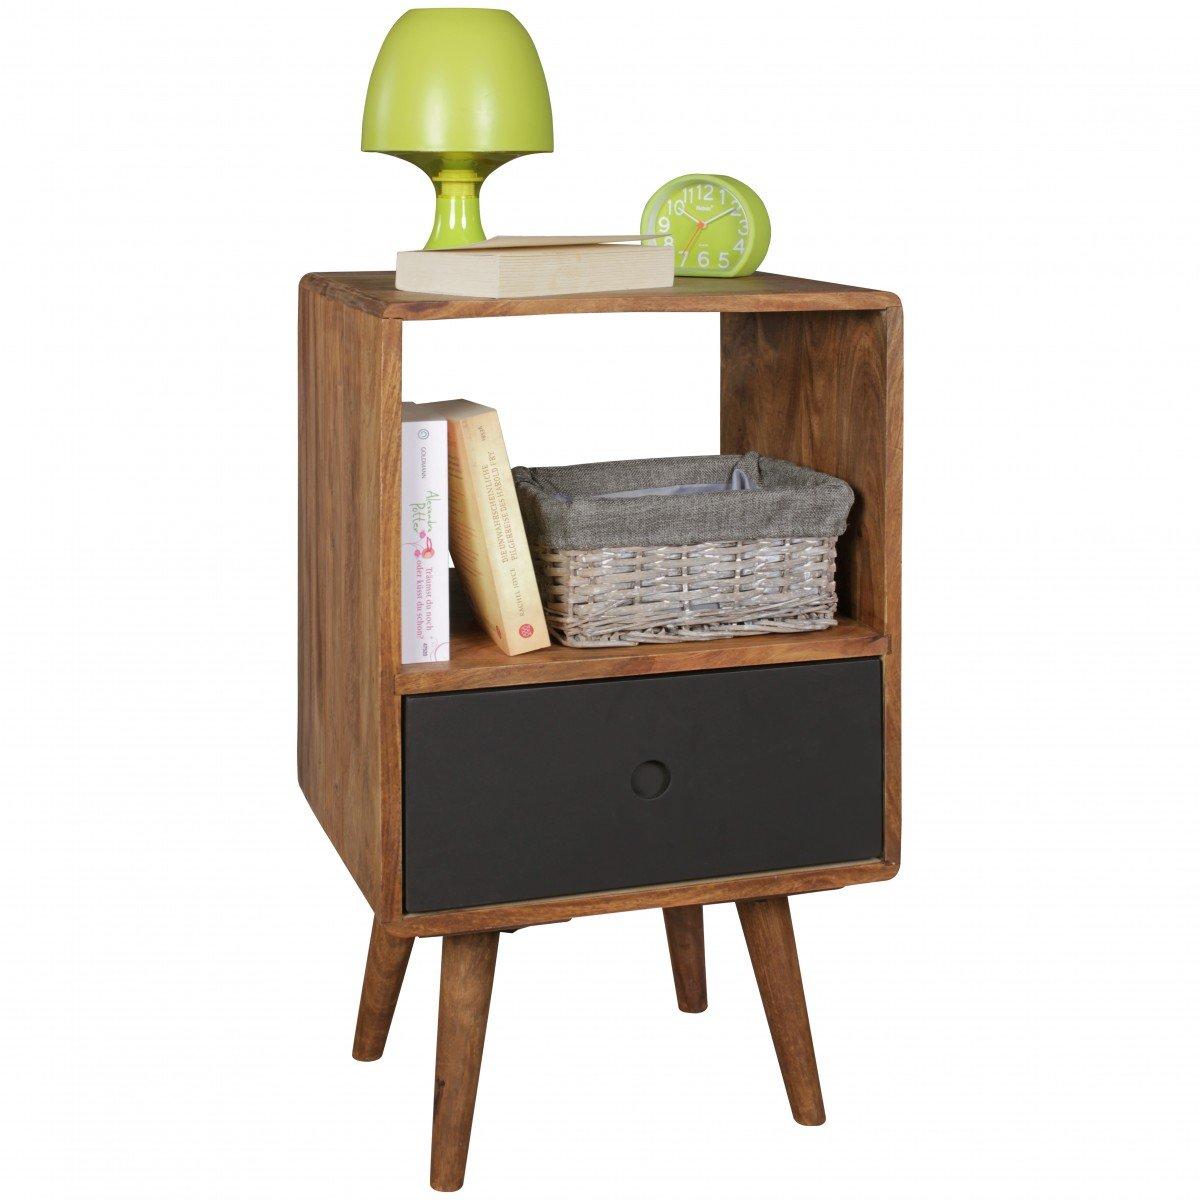 Home Collection24 Retro Nachtkonsole REPA Sheesham-Holz Nachttisch mit Schublade Dunkelbraun schwarz   Design Nachtkästchen 40 x 35 x 70 cm   Großes Nachtschränkchen